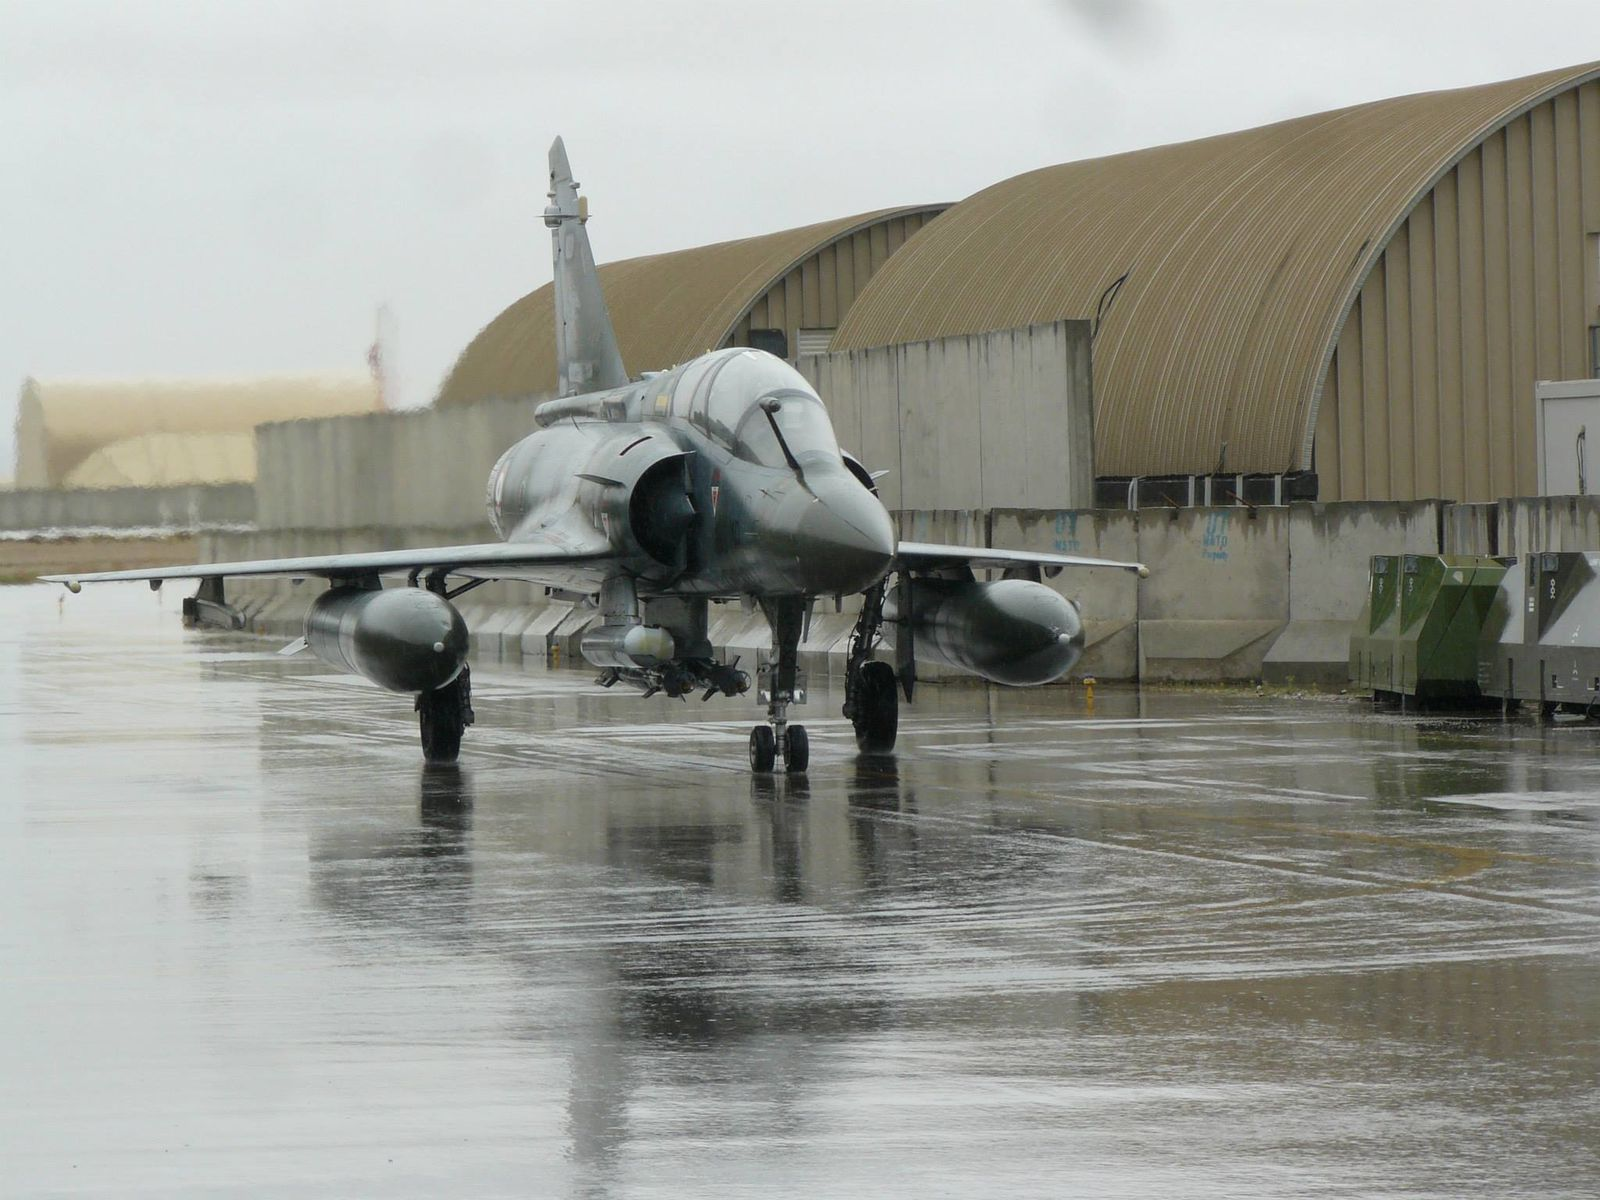 Et oui, même à Kandahar (Afghanistan) il pleut !